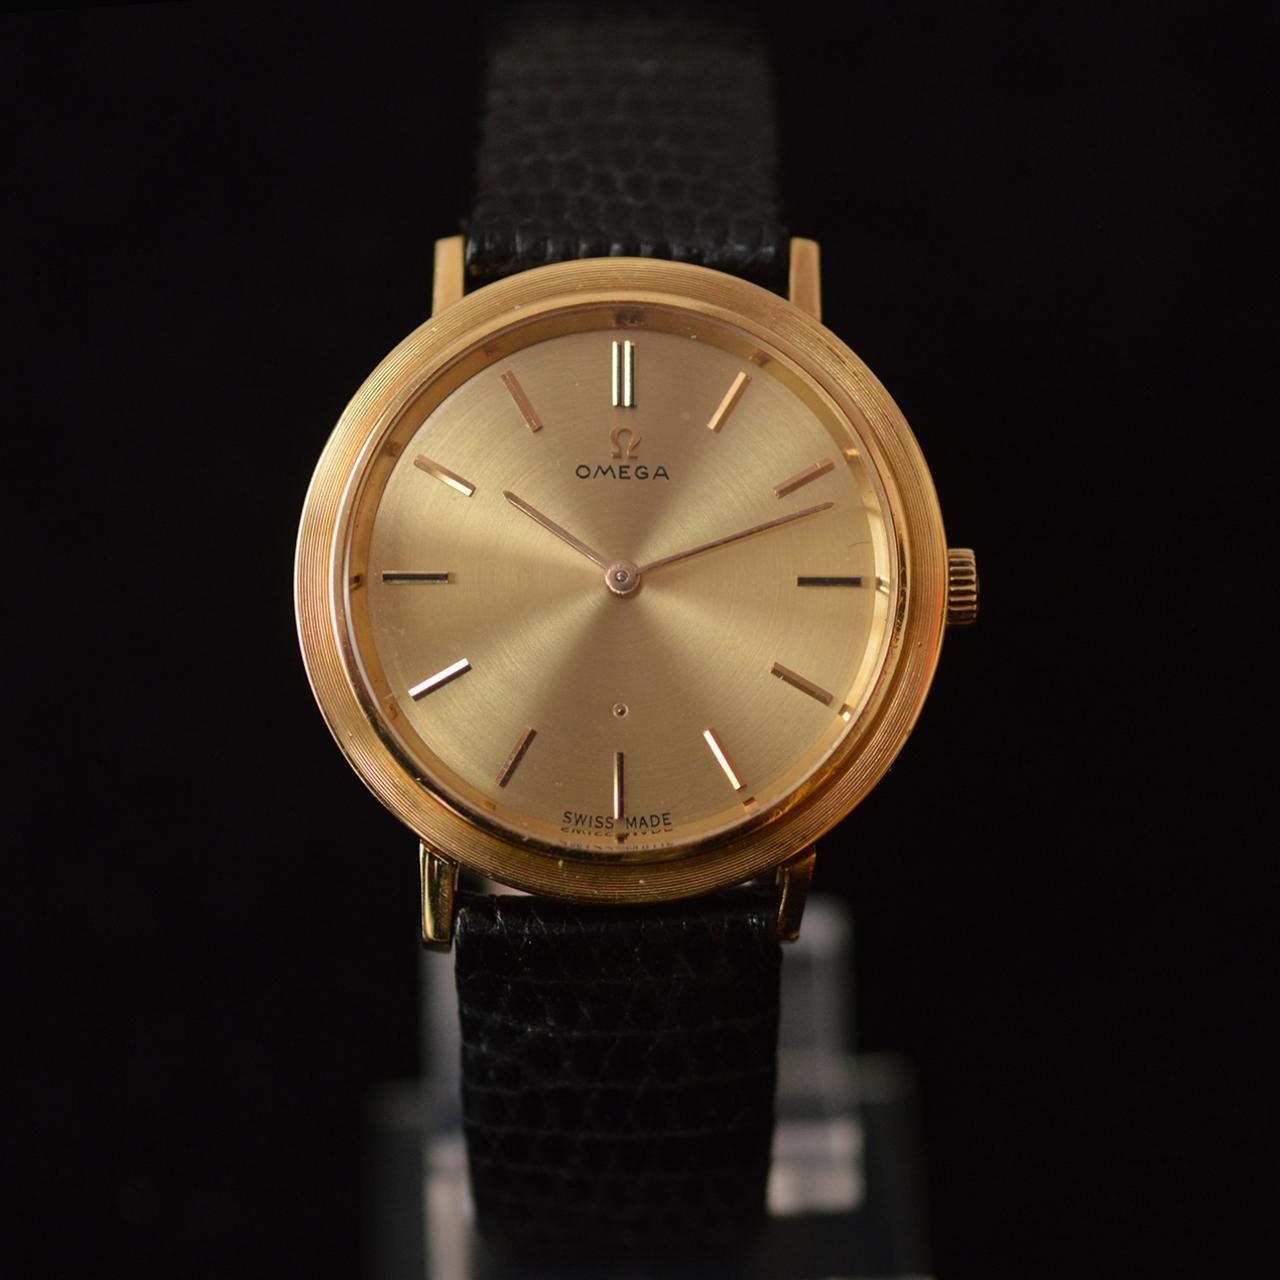 18k gold omega cal 620 wristwatch omega vintage 18k gold